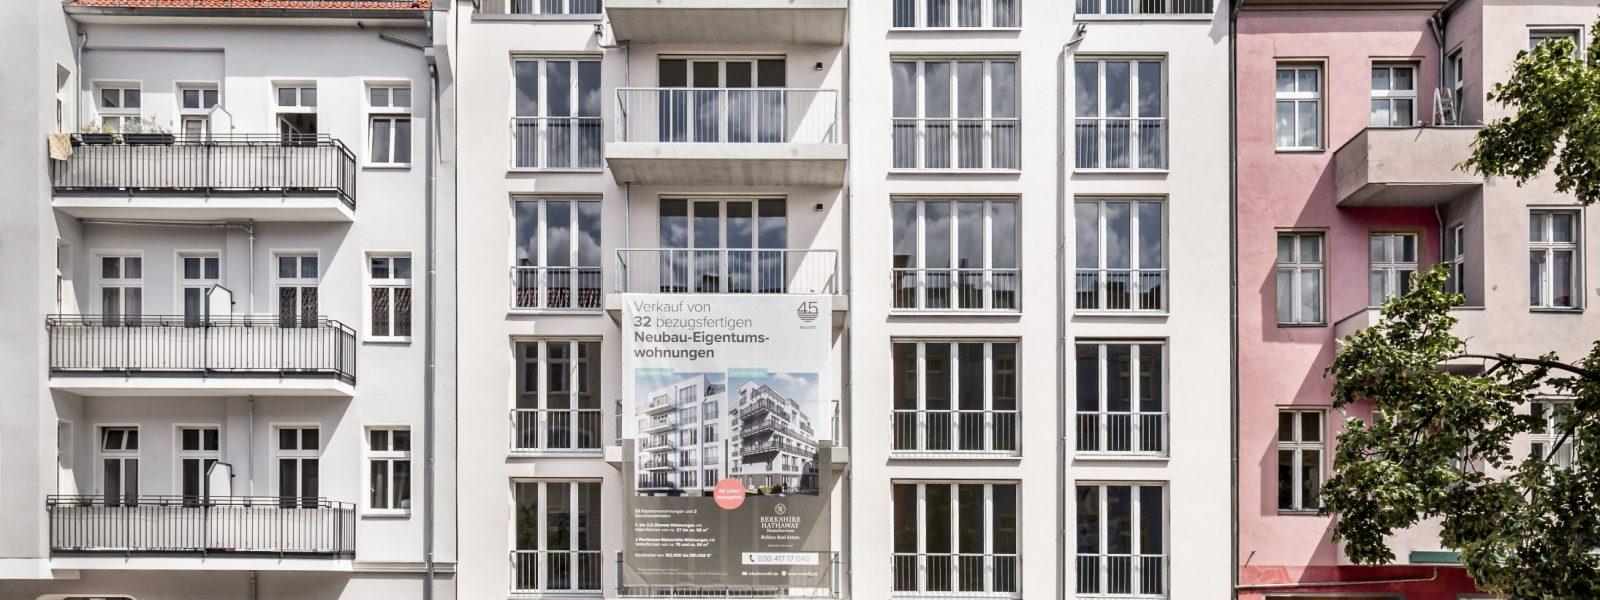 Светлая двухкомнатная квартира с балконом в новостройке: проект сдается в июне 2020 года